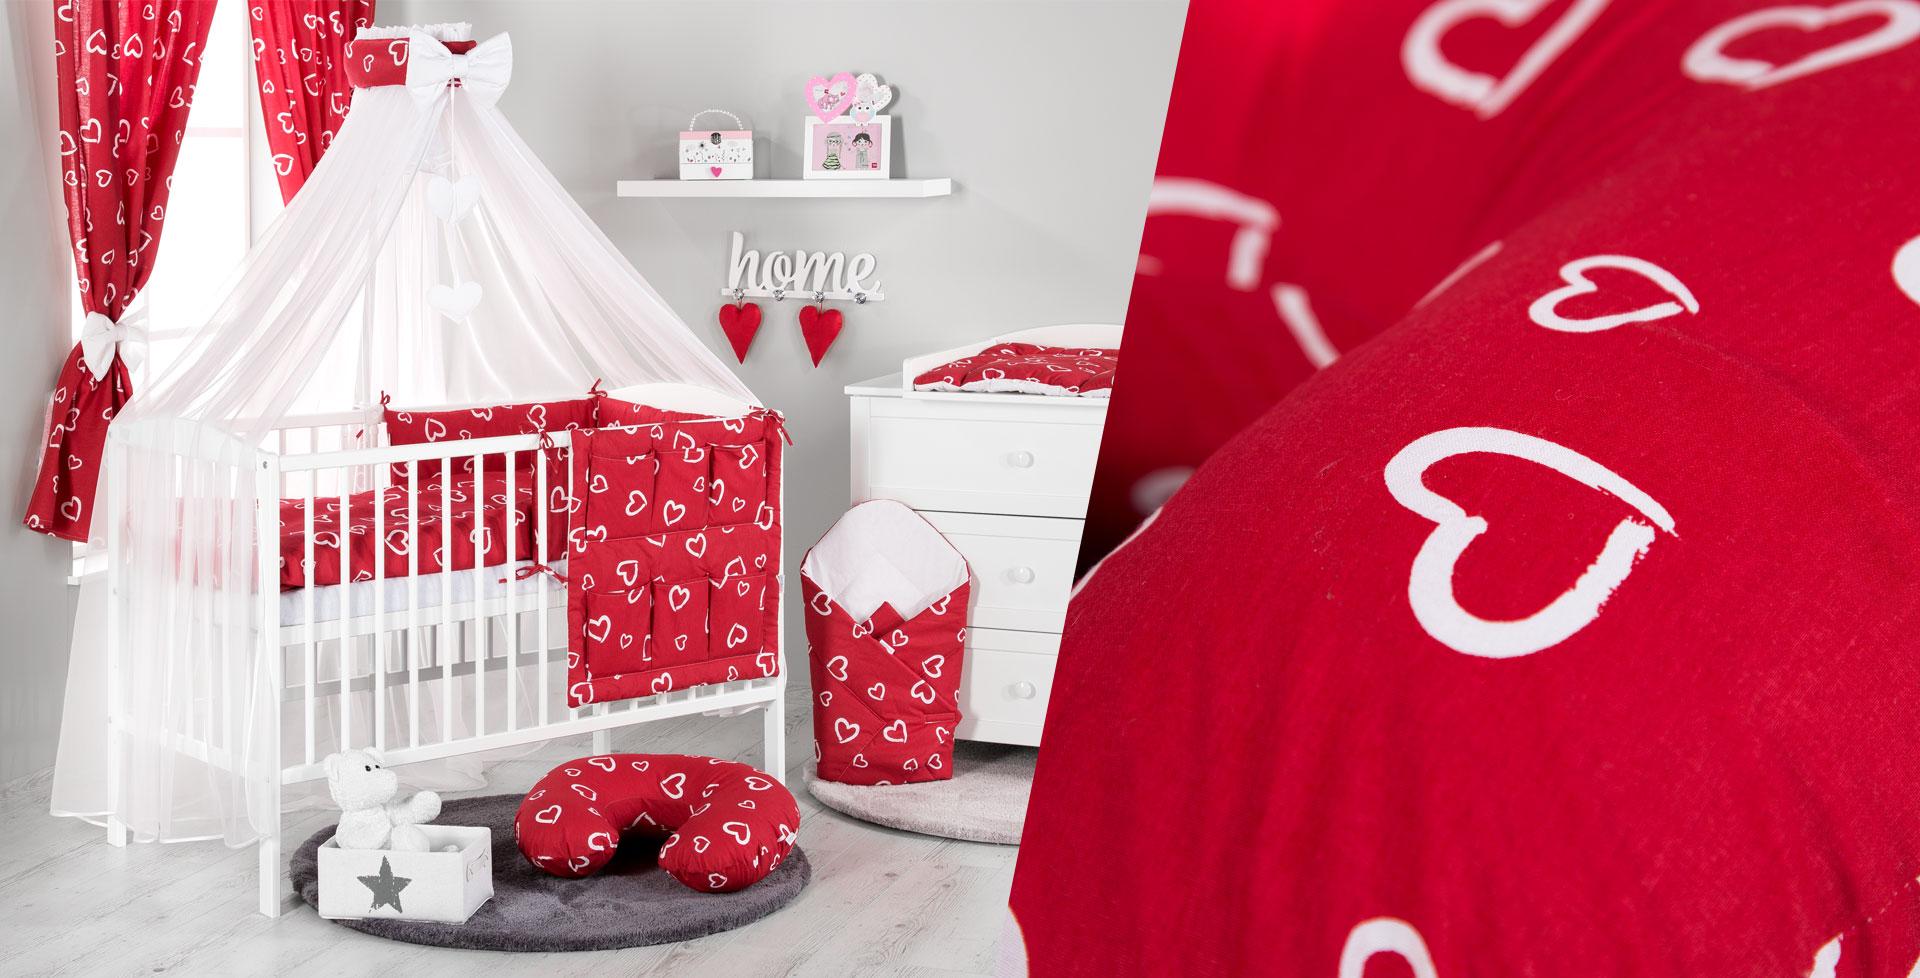 Komplet pościeli - pościel dla niemowlaka